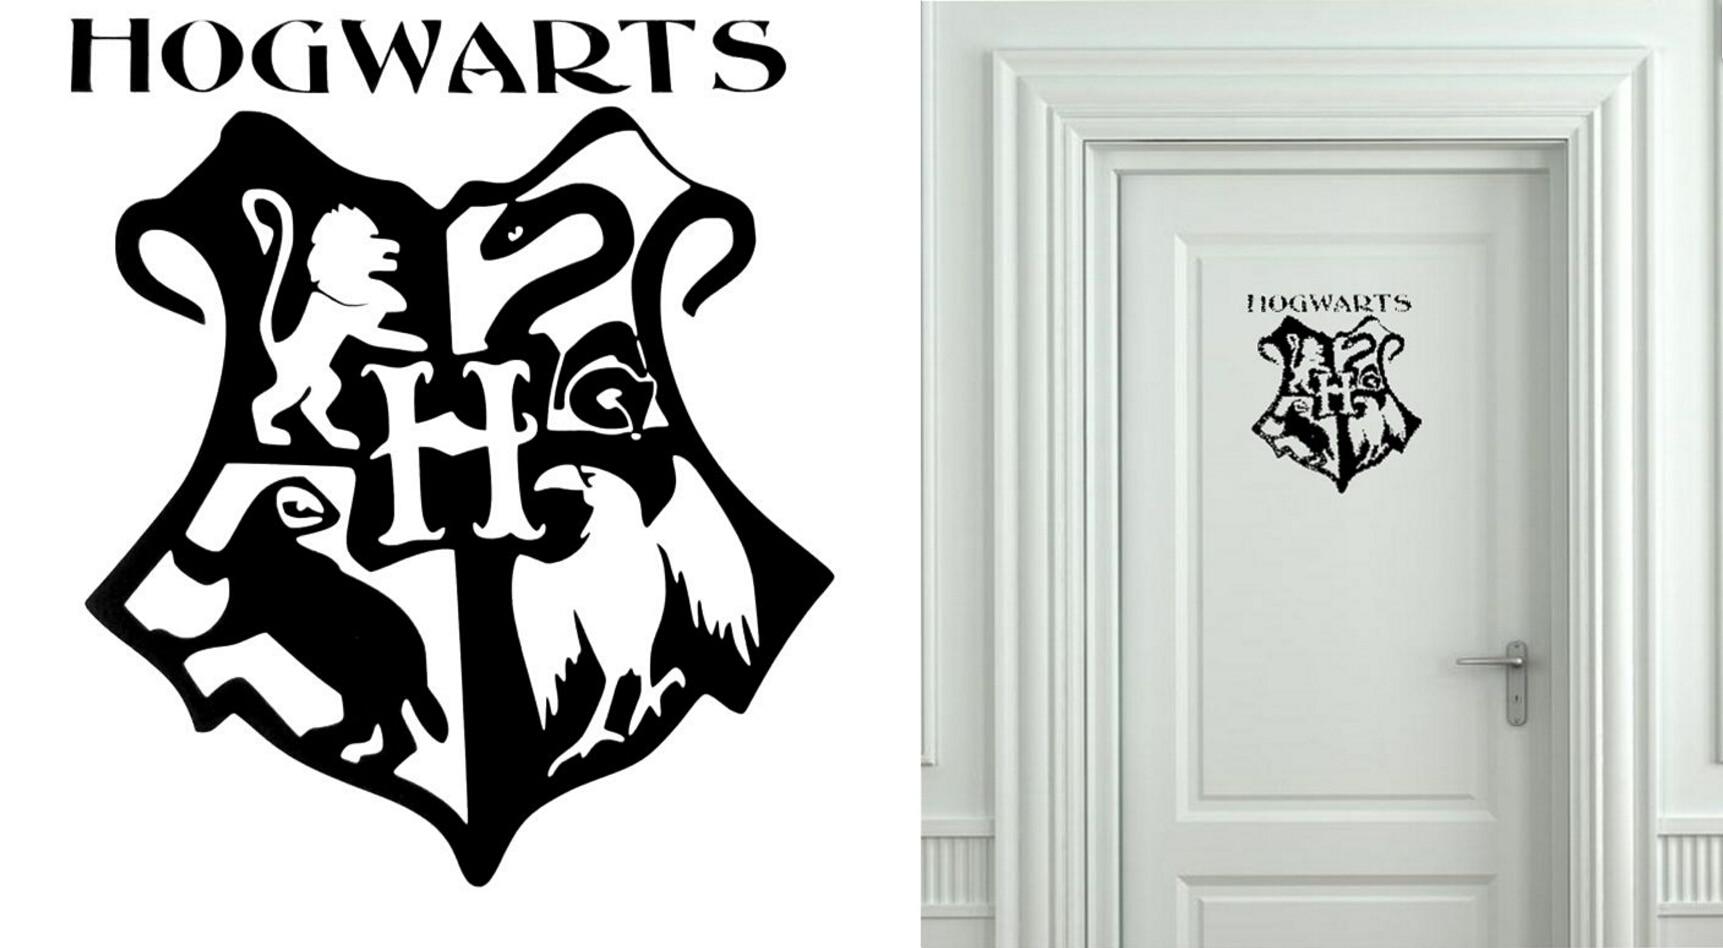 Harry Potter Hogwarts Escudo De Armas Cut Vinyl Art Etiqueta De La